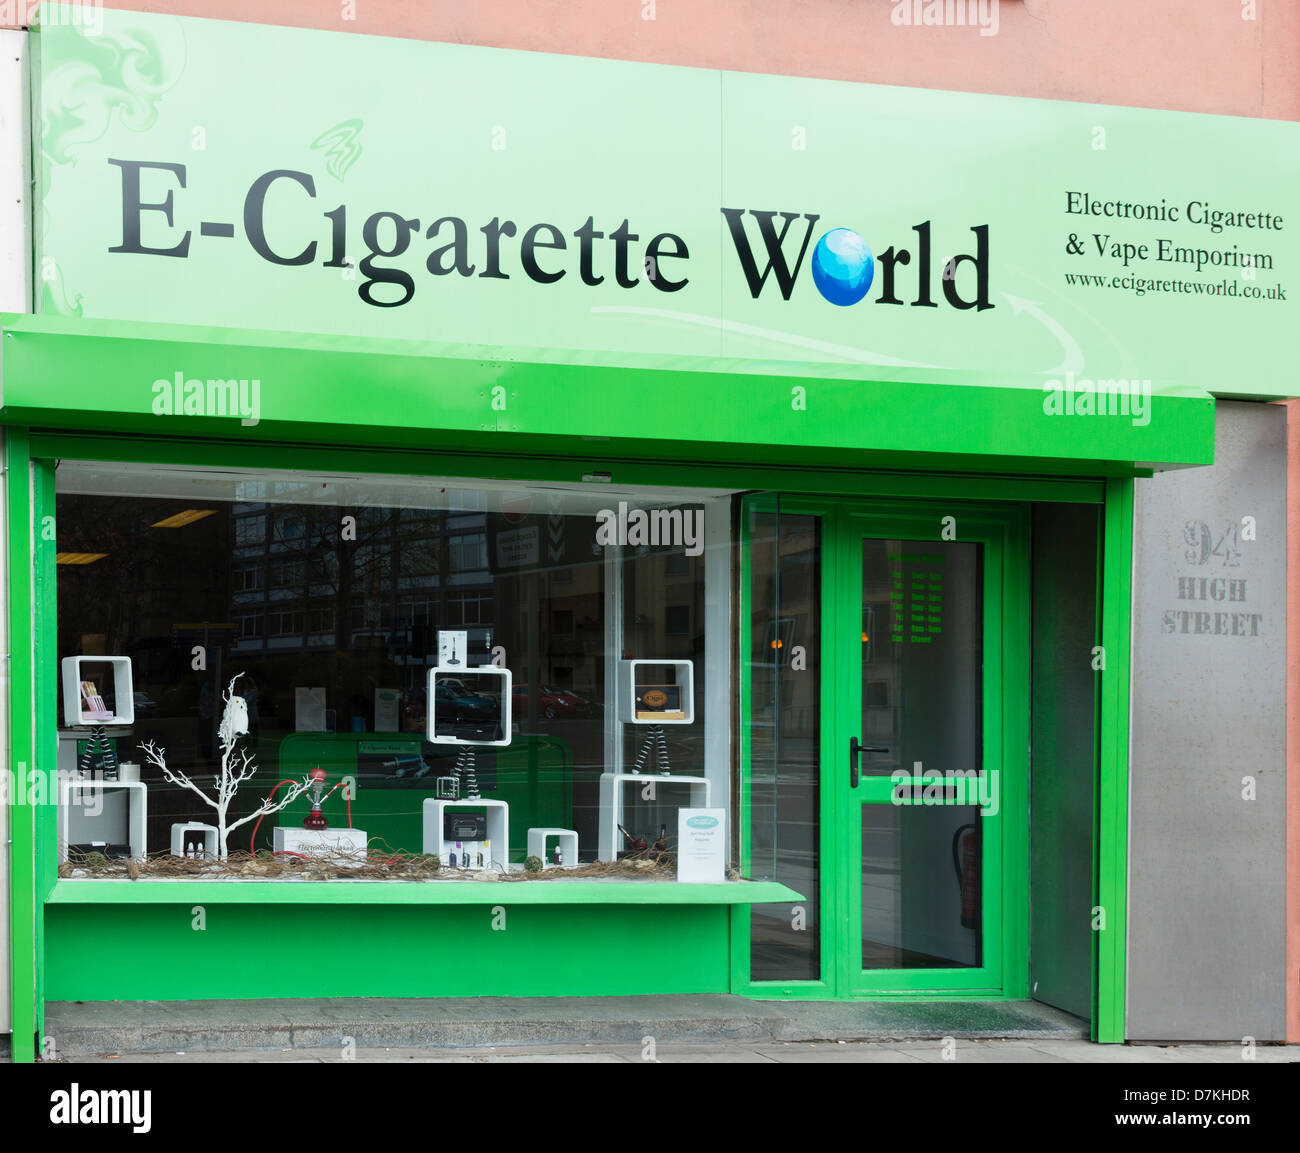 E-Cigarette World in Belfast - Stock Image